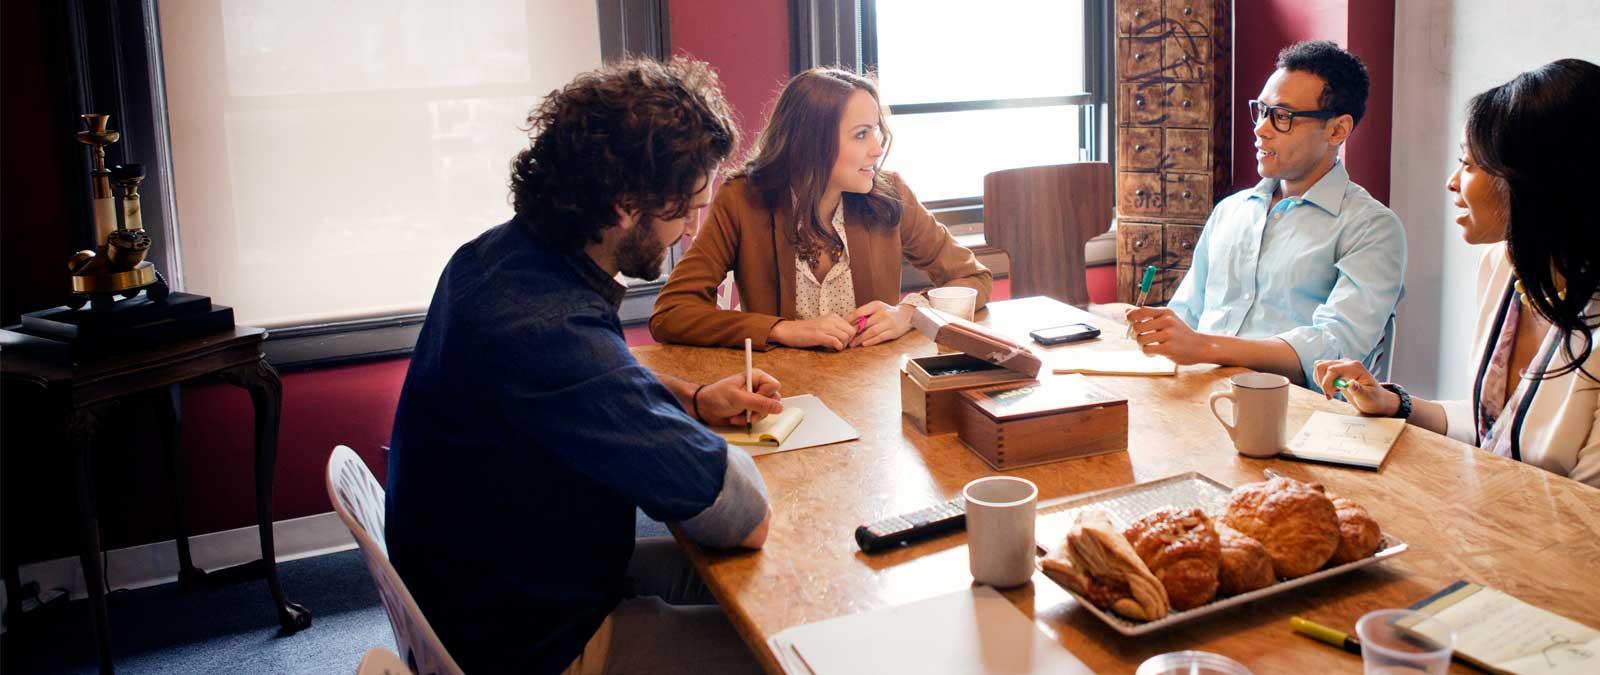 Empat individu bekerja di dalam pejabat menggunakan Office 365 Enterprise E3.